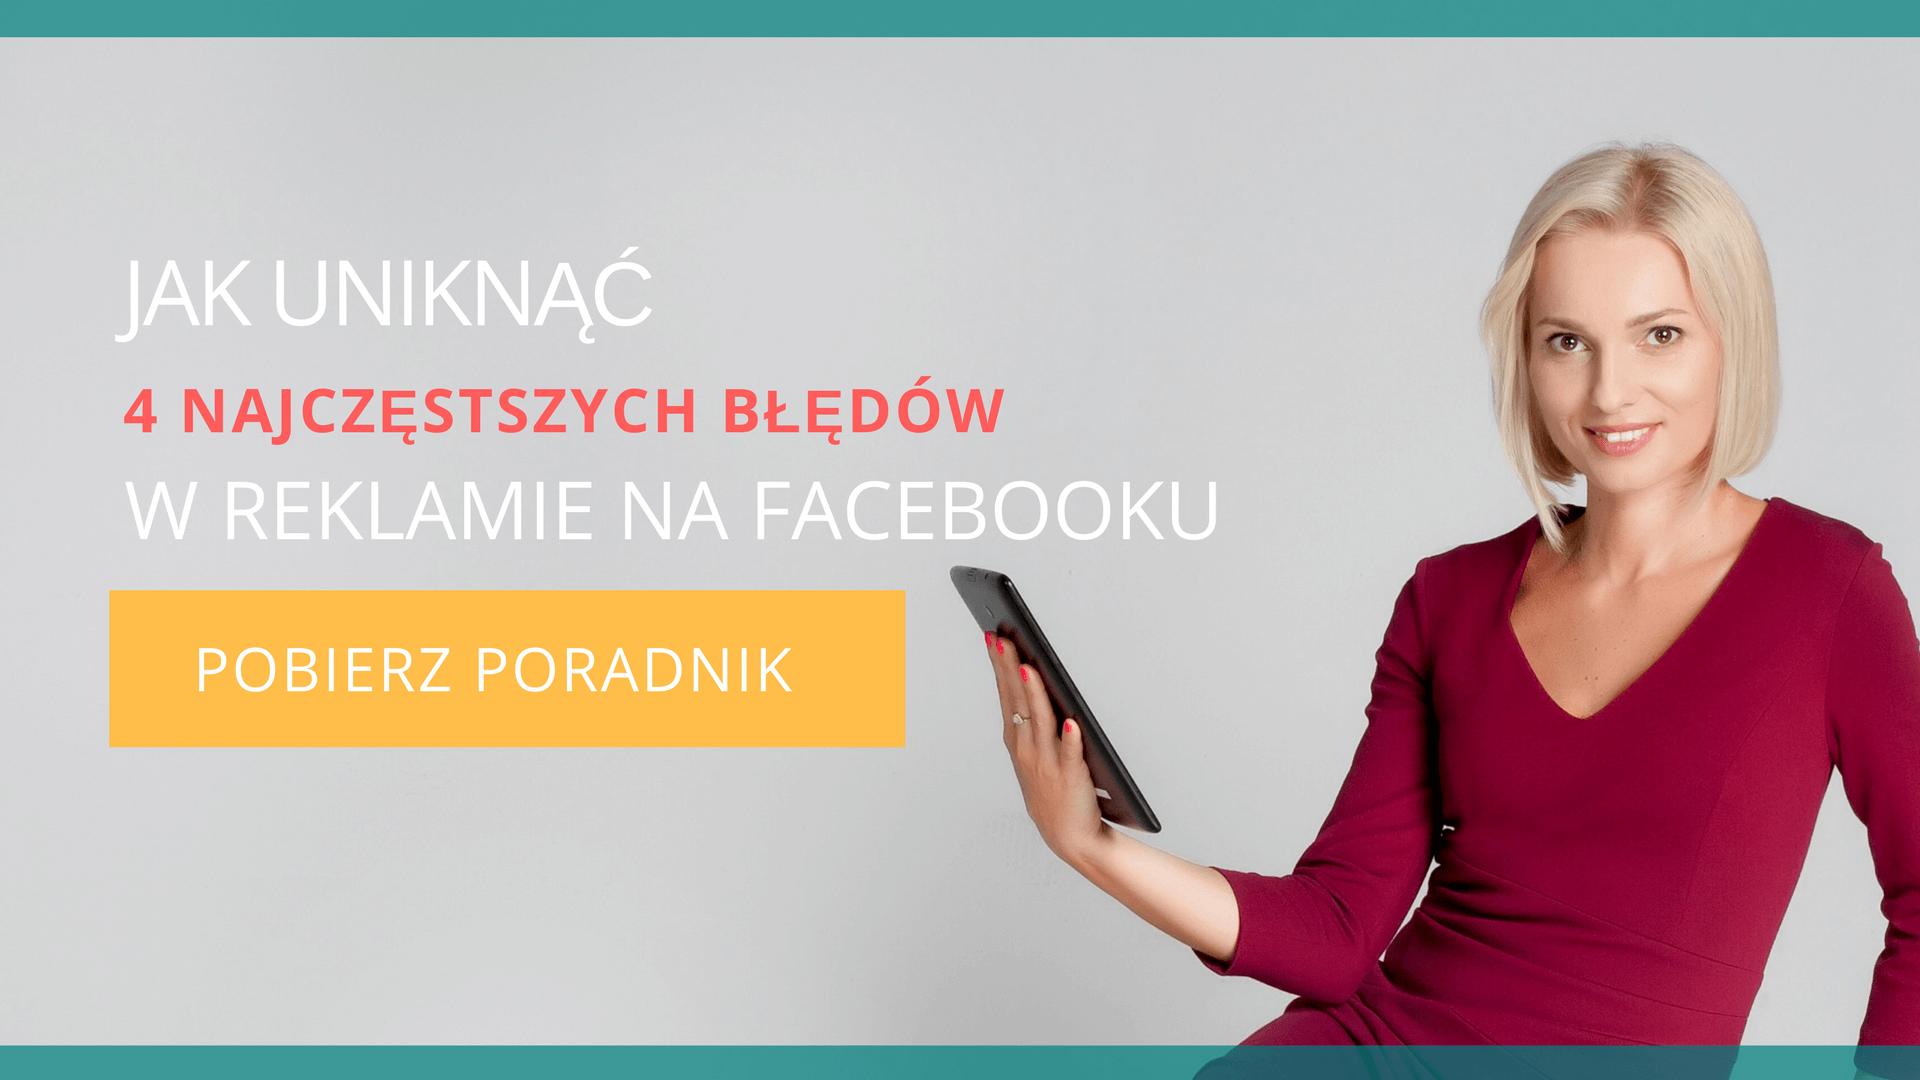 Poradnik Joanny Ceplin - jak uniknąć 4 najczęstszych błędów w reklamie na Facebooku